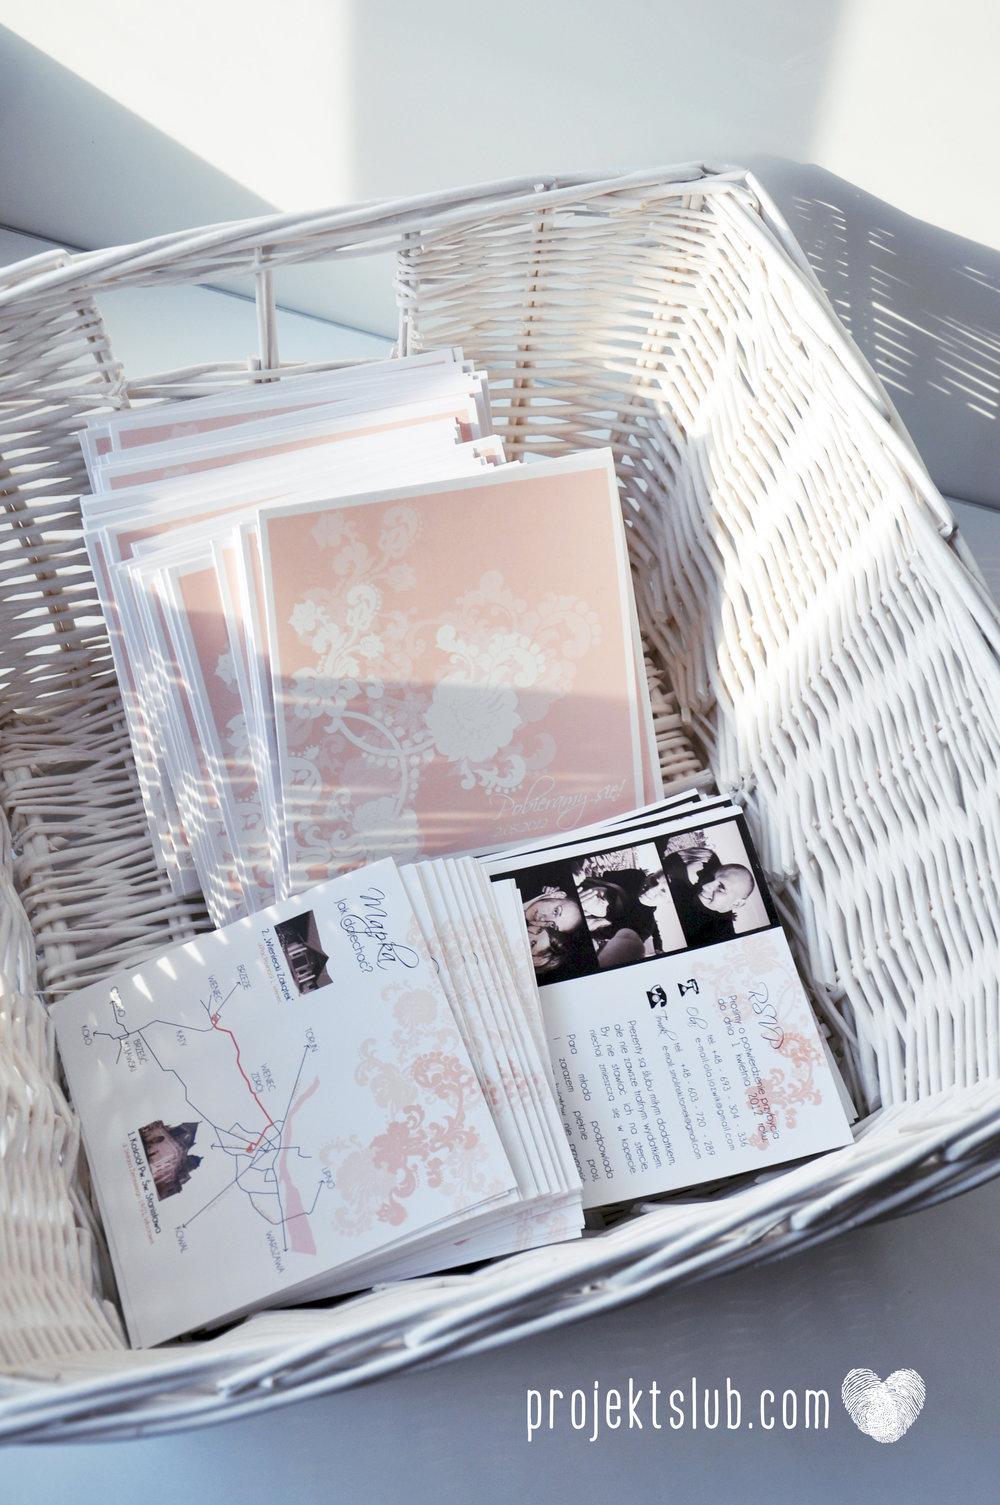 zaproszenia ślubne pudrowa elegancja róż pastele delikatne graficzne motywy klasyczny format projekt ślub (1).jpg